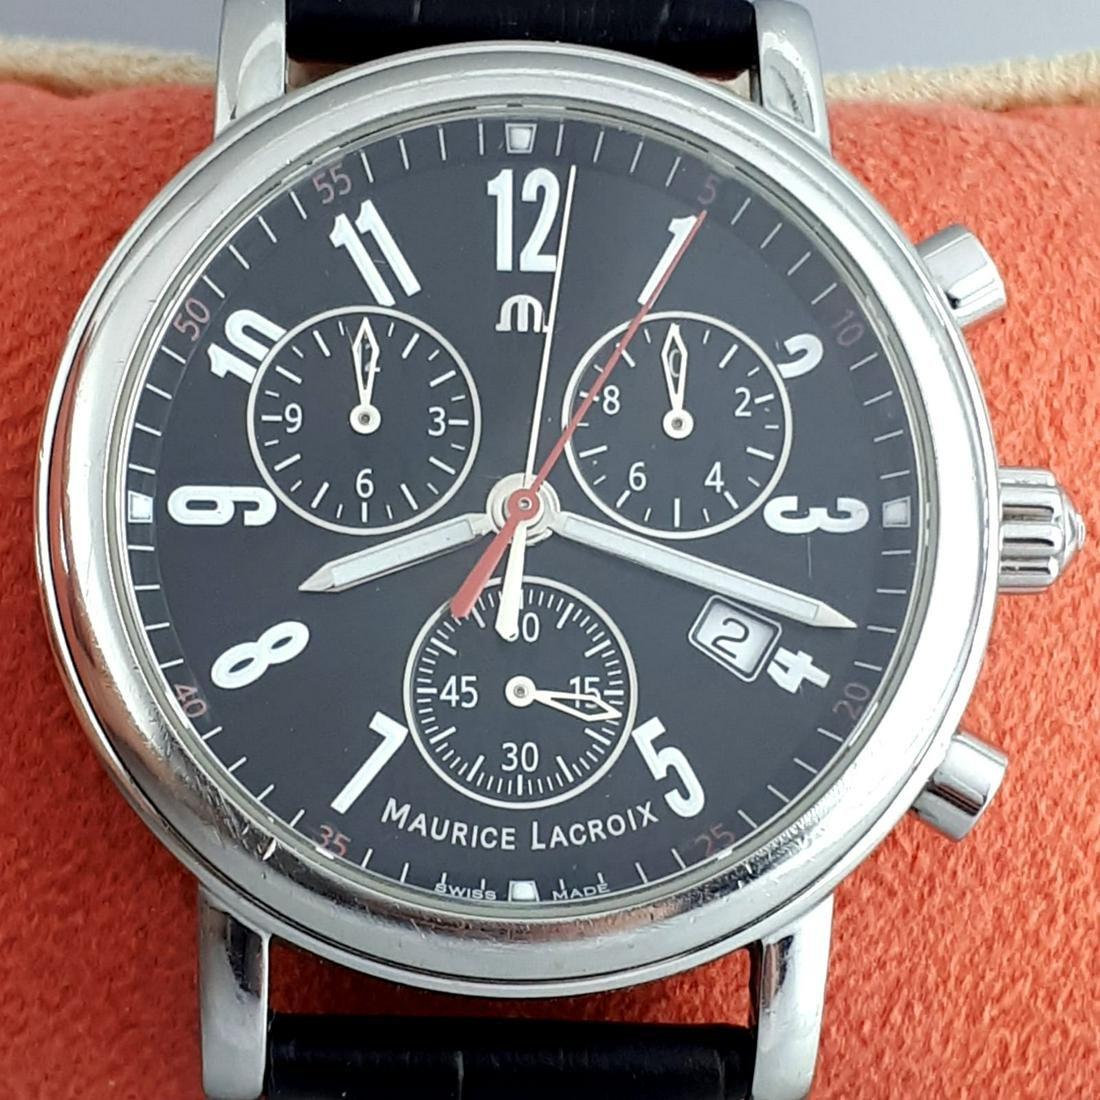 Maurice Lacroix - Les Classiques Chronograph -